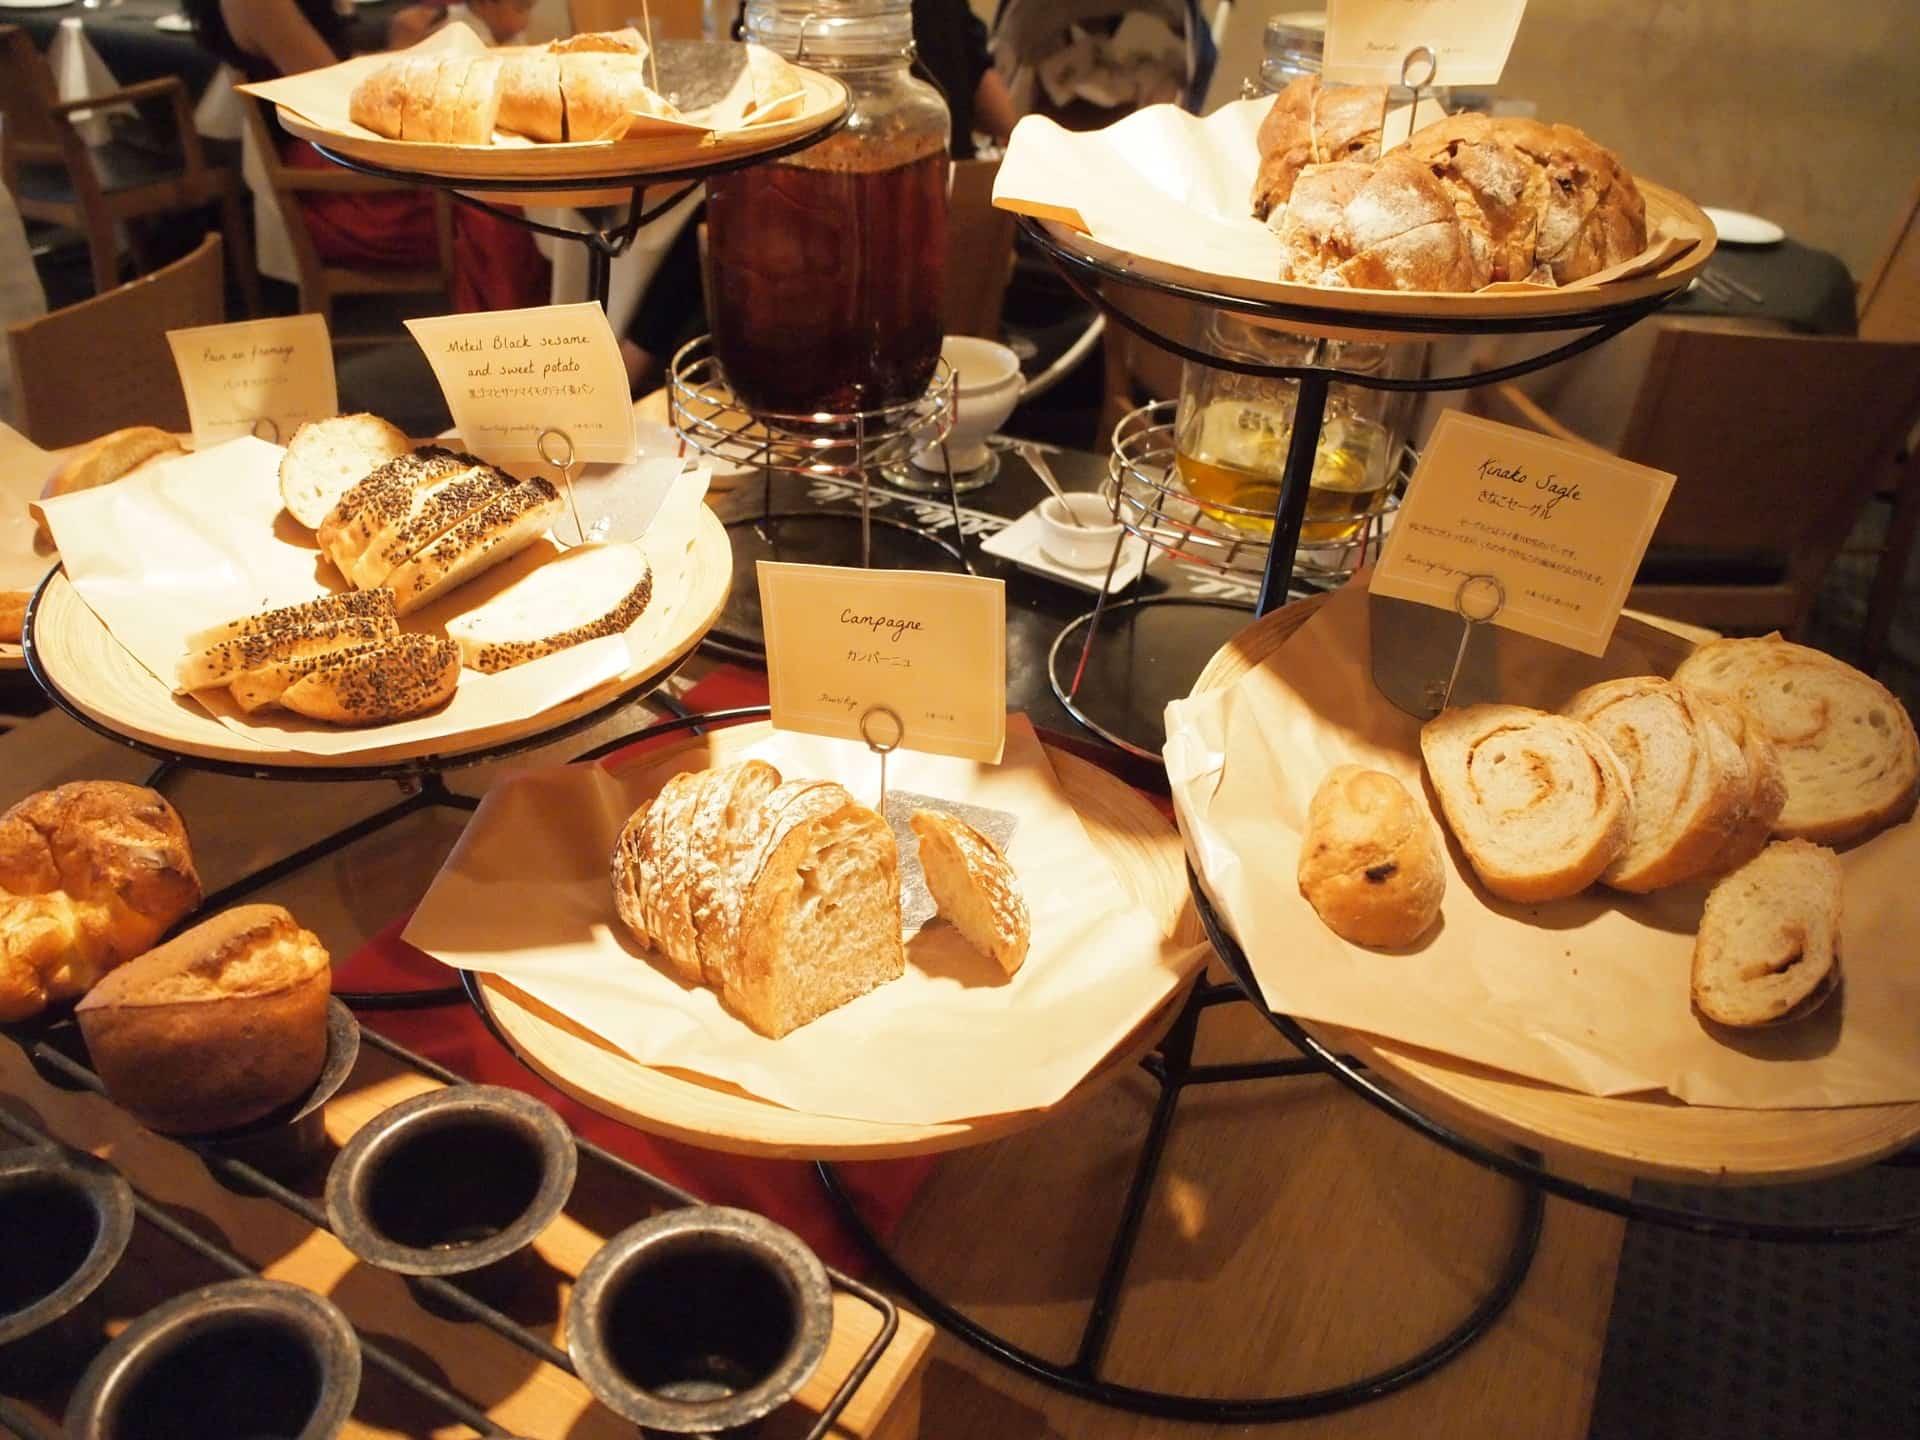 【閉店】CENTRAL(セントラル) − 圧巻の20種類以上のパン!三宮で種類豊富なパン食べ放題ランチ